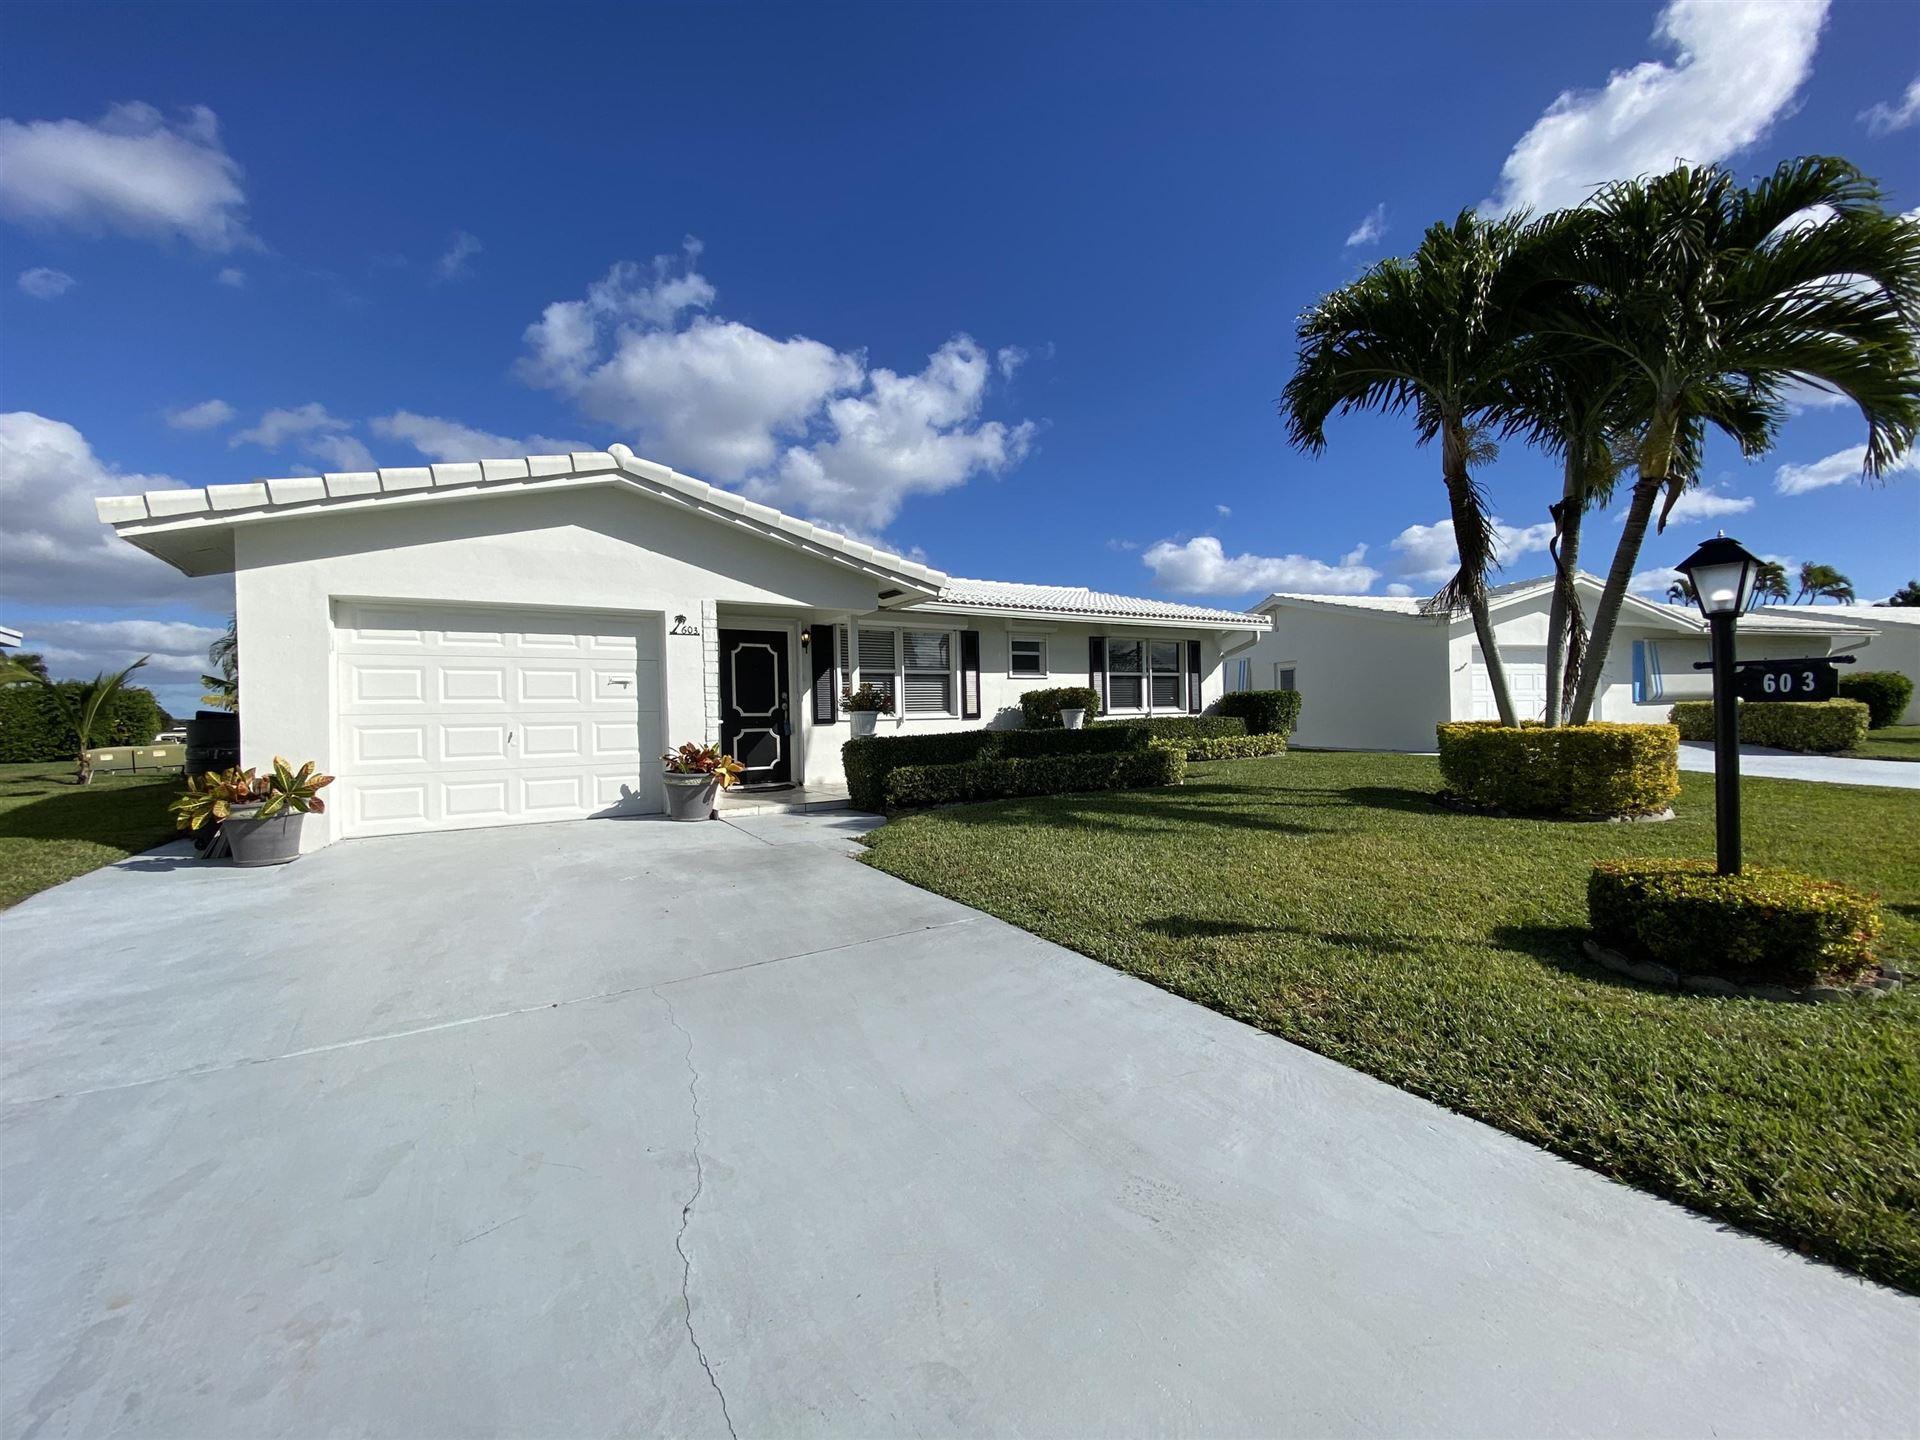 603 SW 15th Street, Boynton Beach, FL 33426 - #: RX-10681191